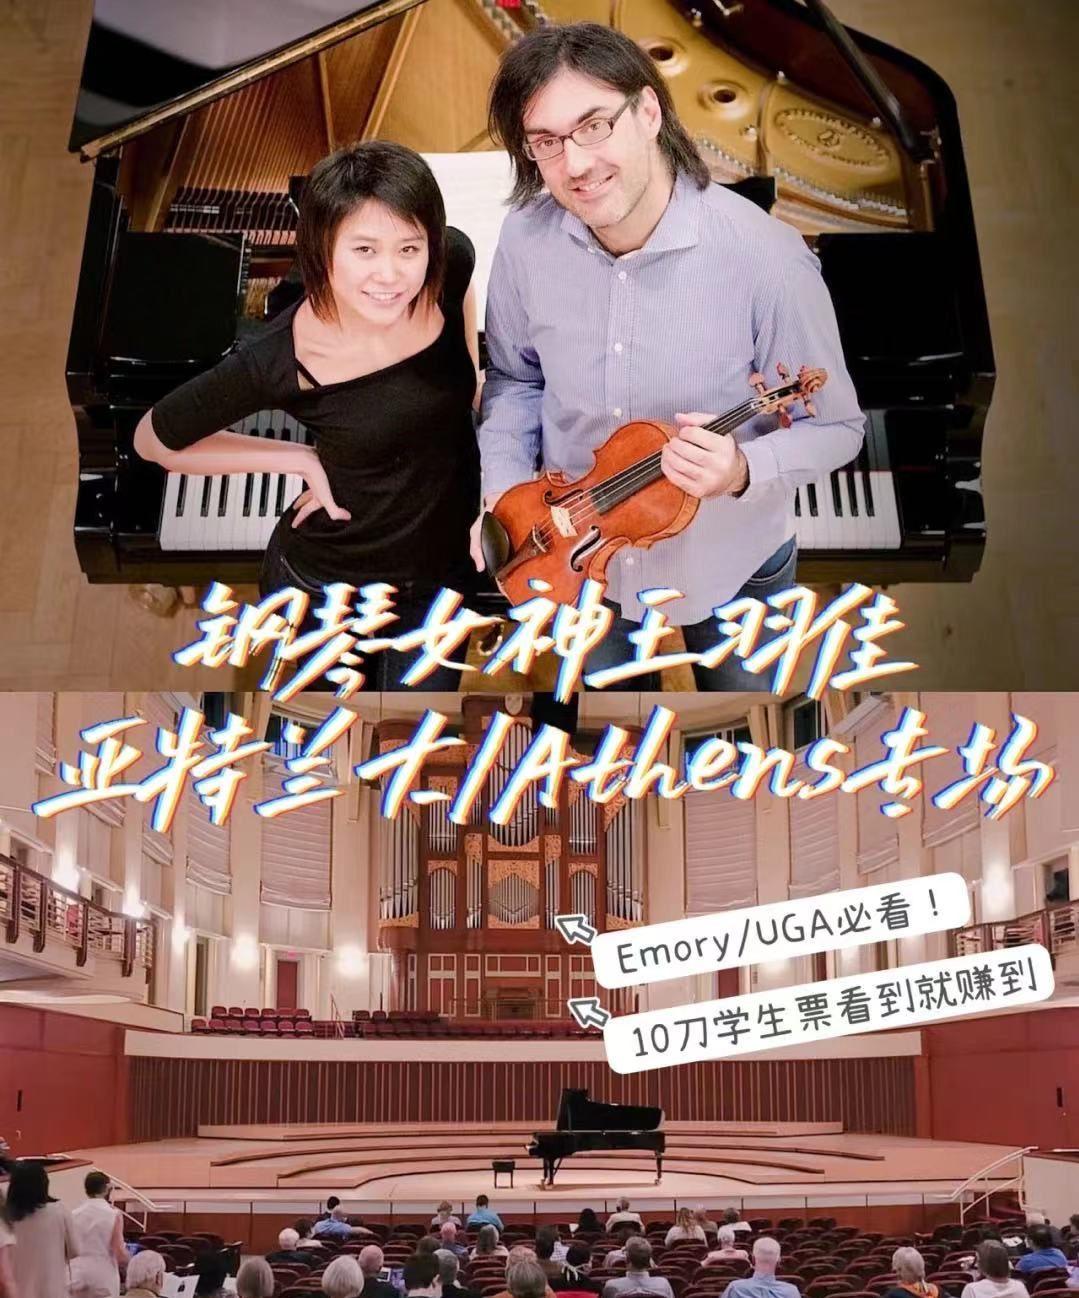 亚城活动 | 钢琴女神王羽佳Emory/UGA专场来了